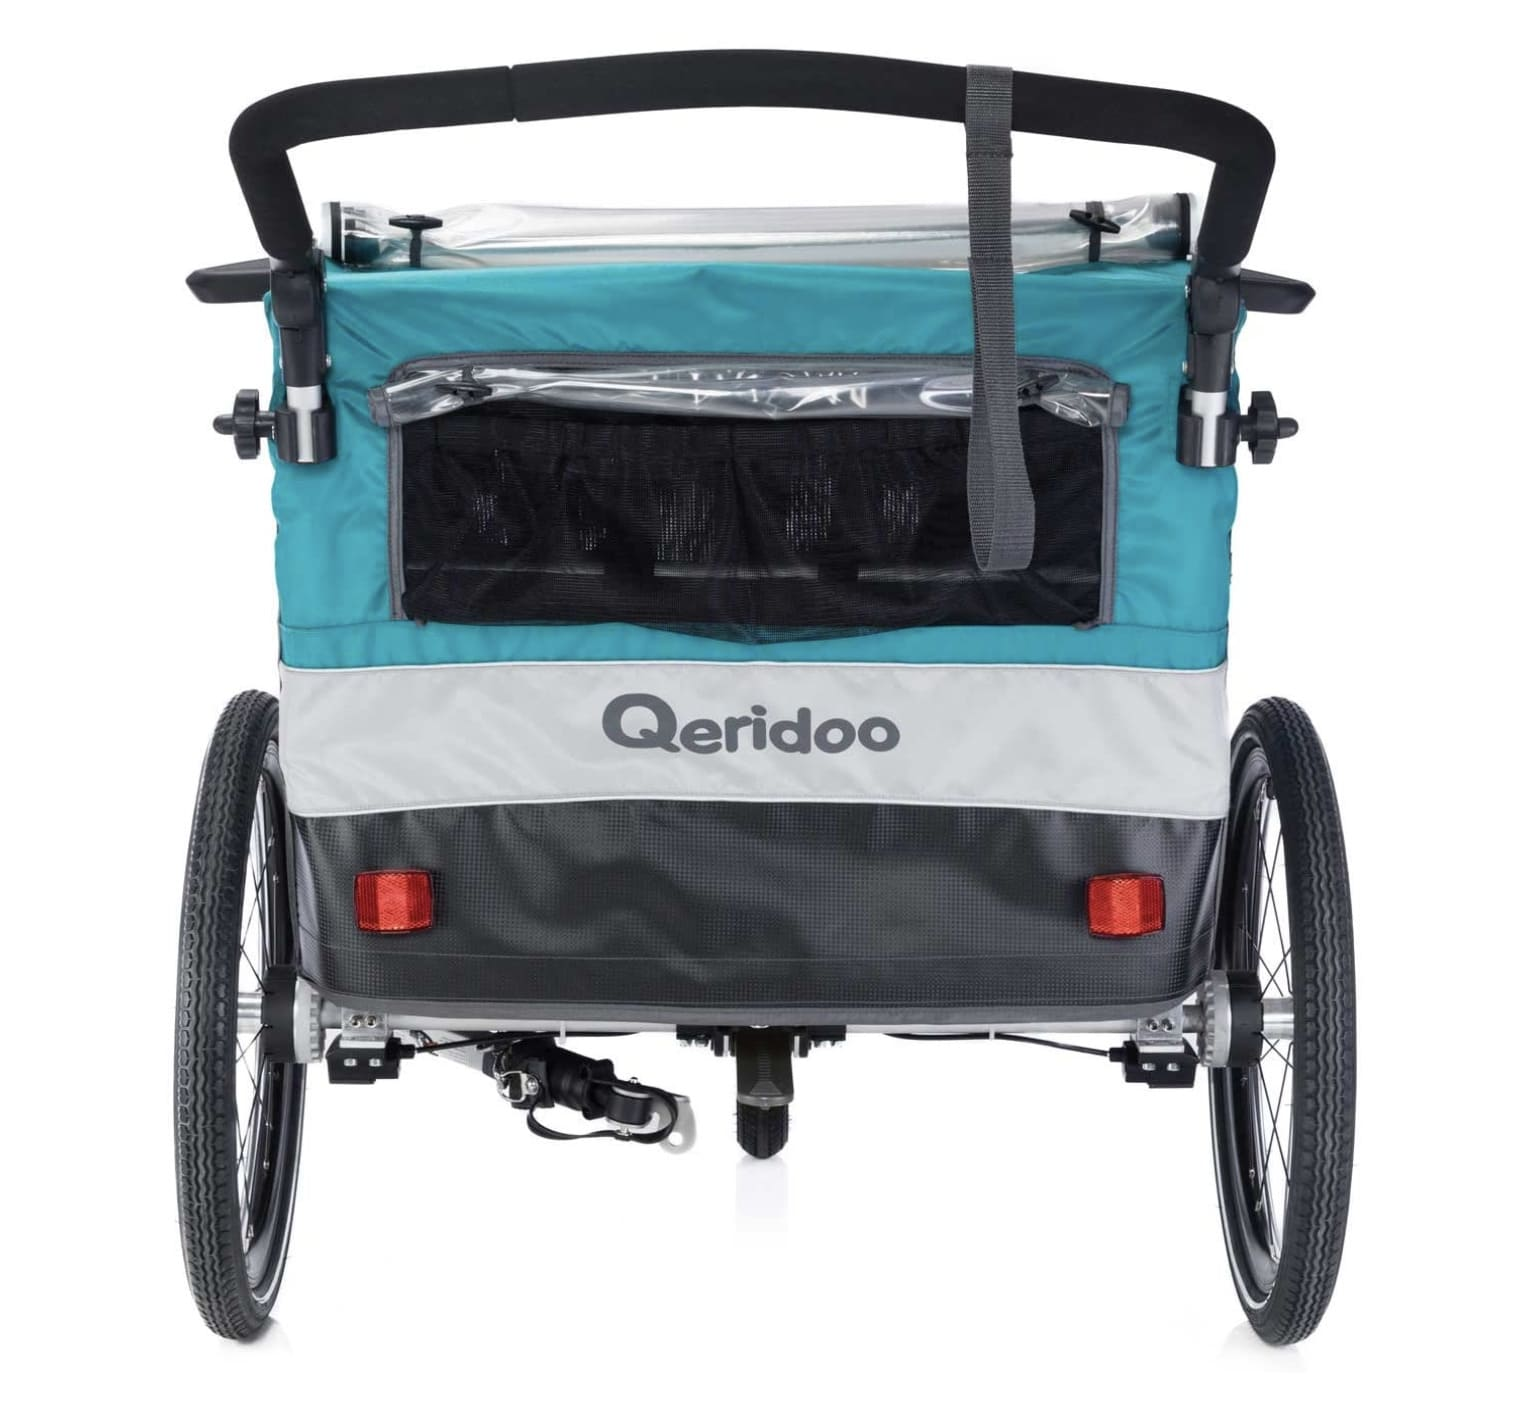 Luces traseras de seguridad de los remolques de bicicleta para niños Qeridoo